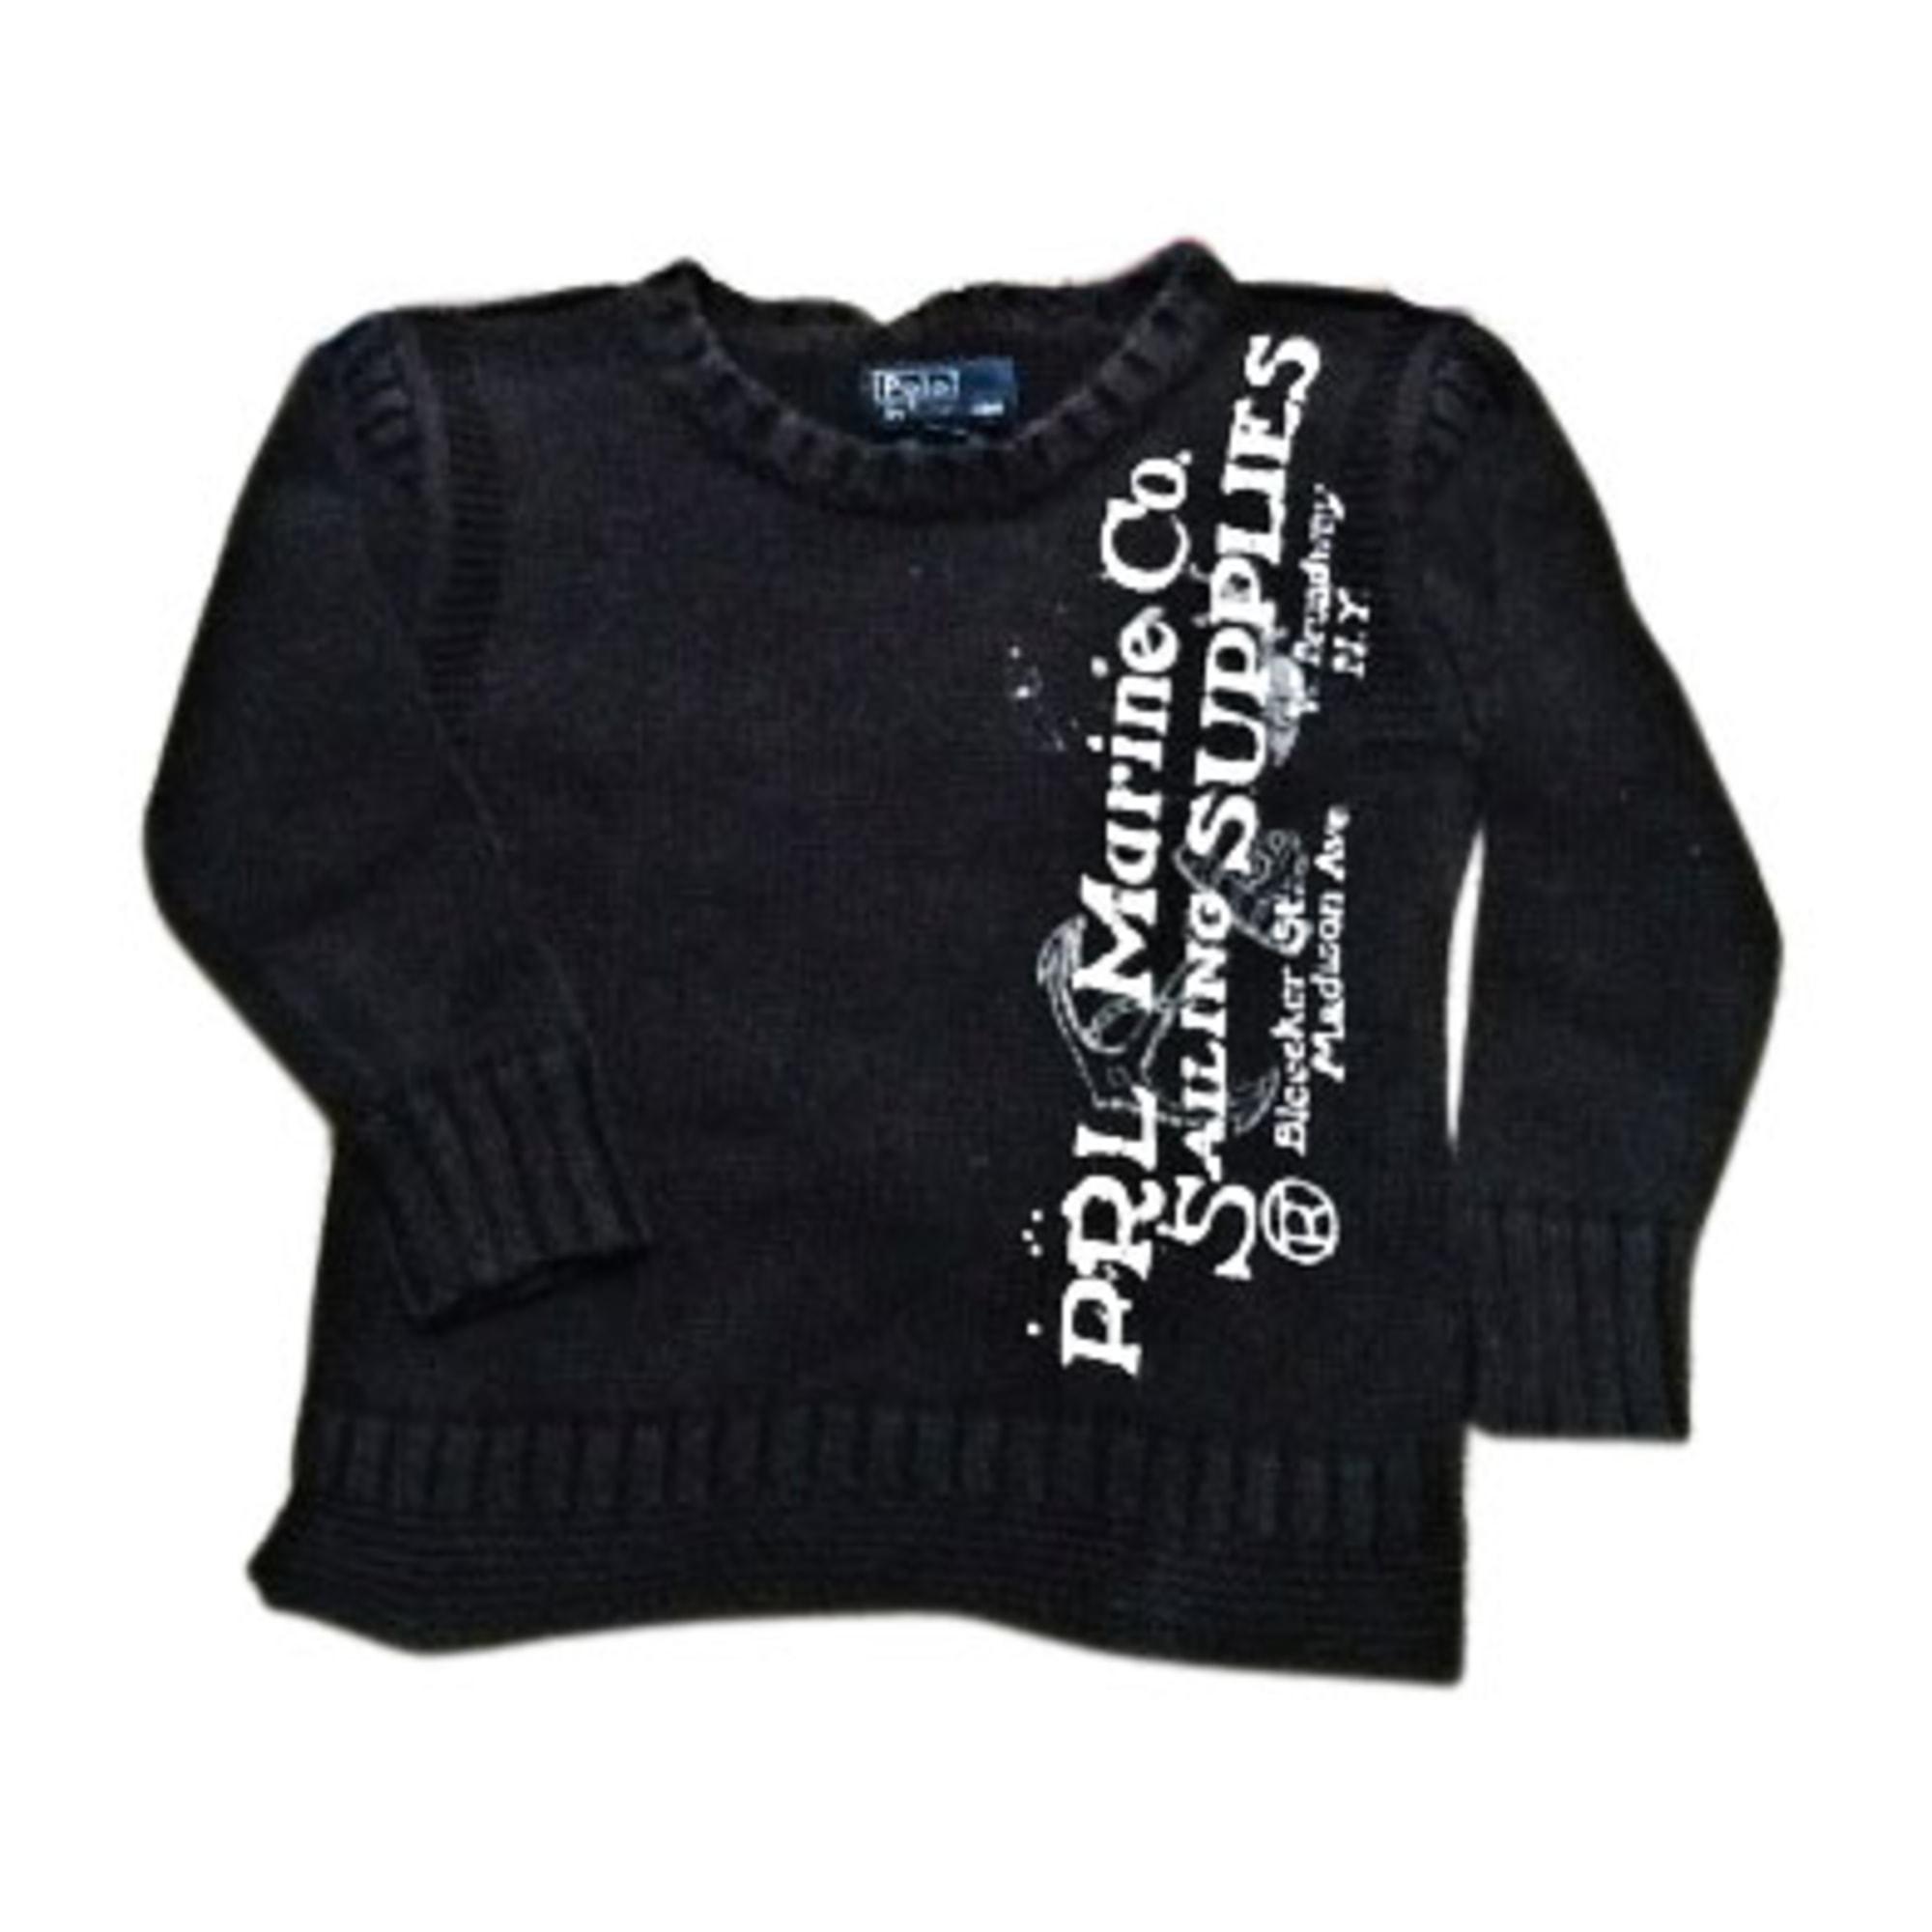 Sweater RALPH LAUREN Black